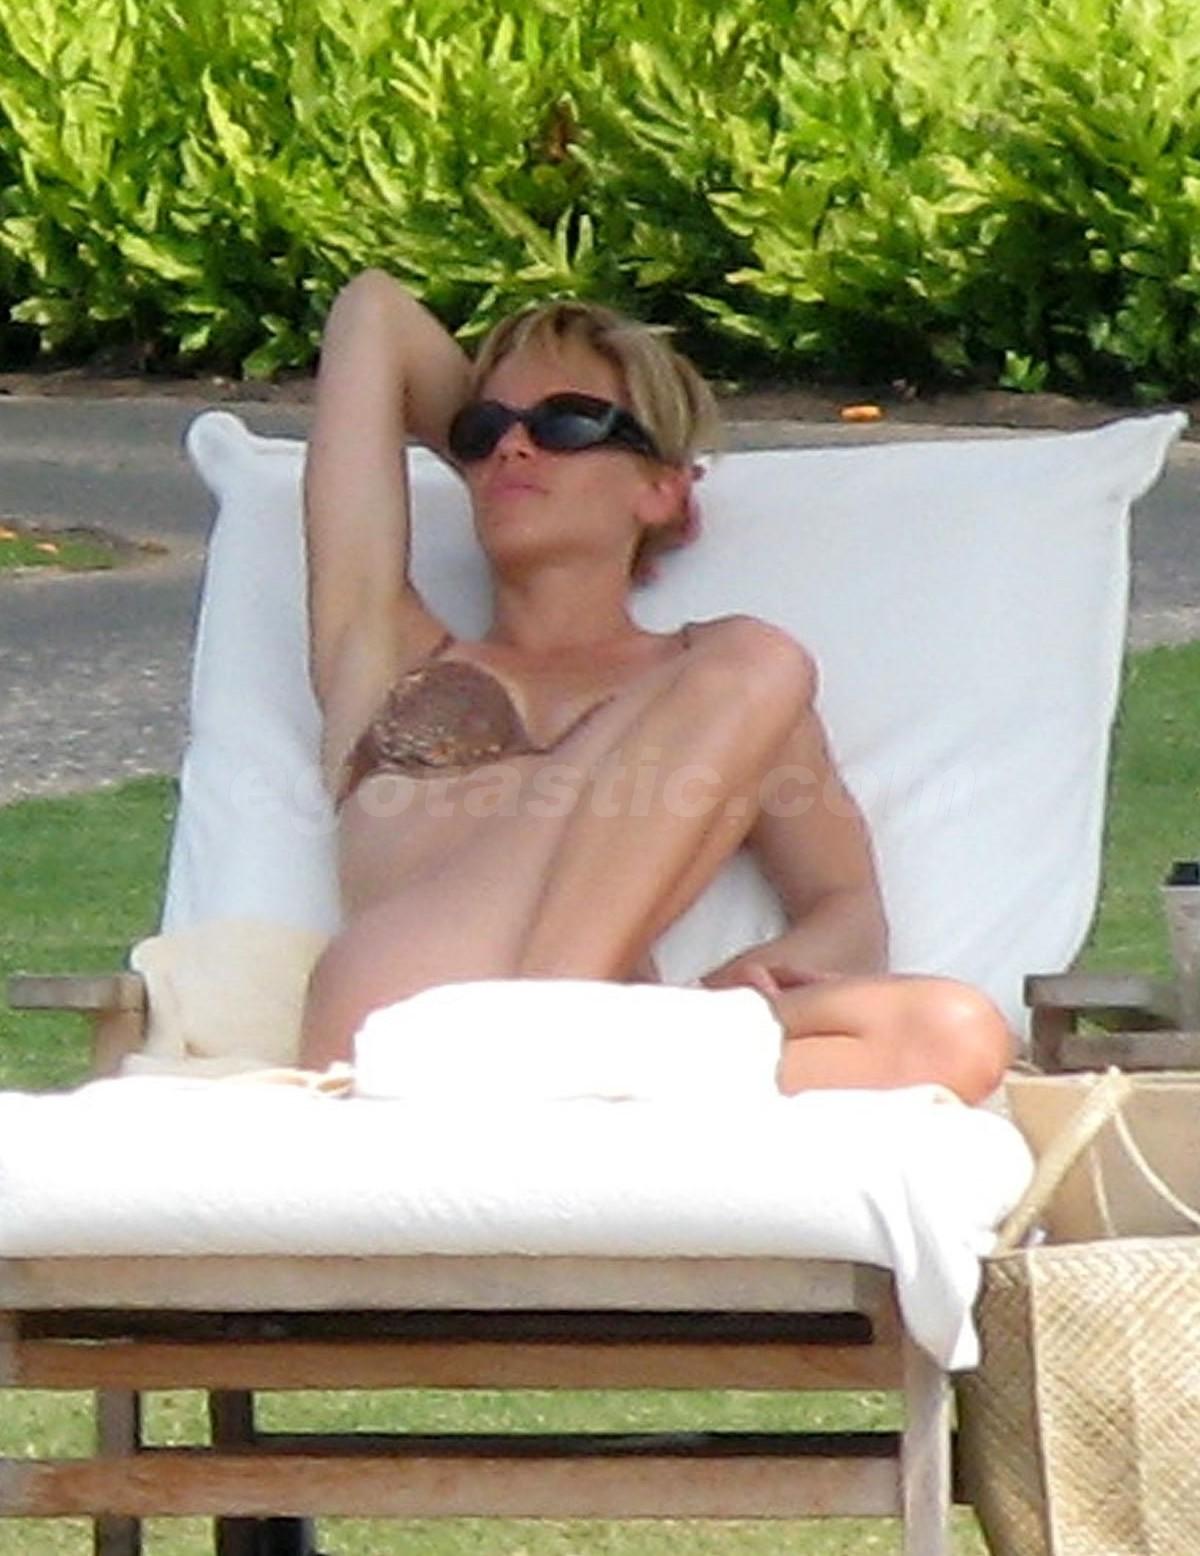 http://1.bp.blogspot.com/_3G4dg-GWVKI/TJNMytTRA4I/AAAAAAAAH_o/92EZTFjJmy0/s1600/11149_hilary-swank-bikini-1-05_123_164lo.jpg